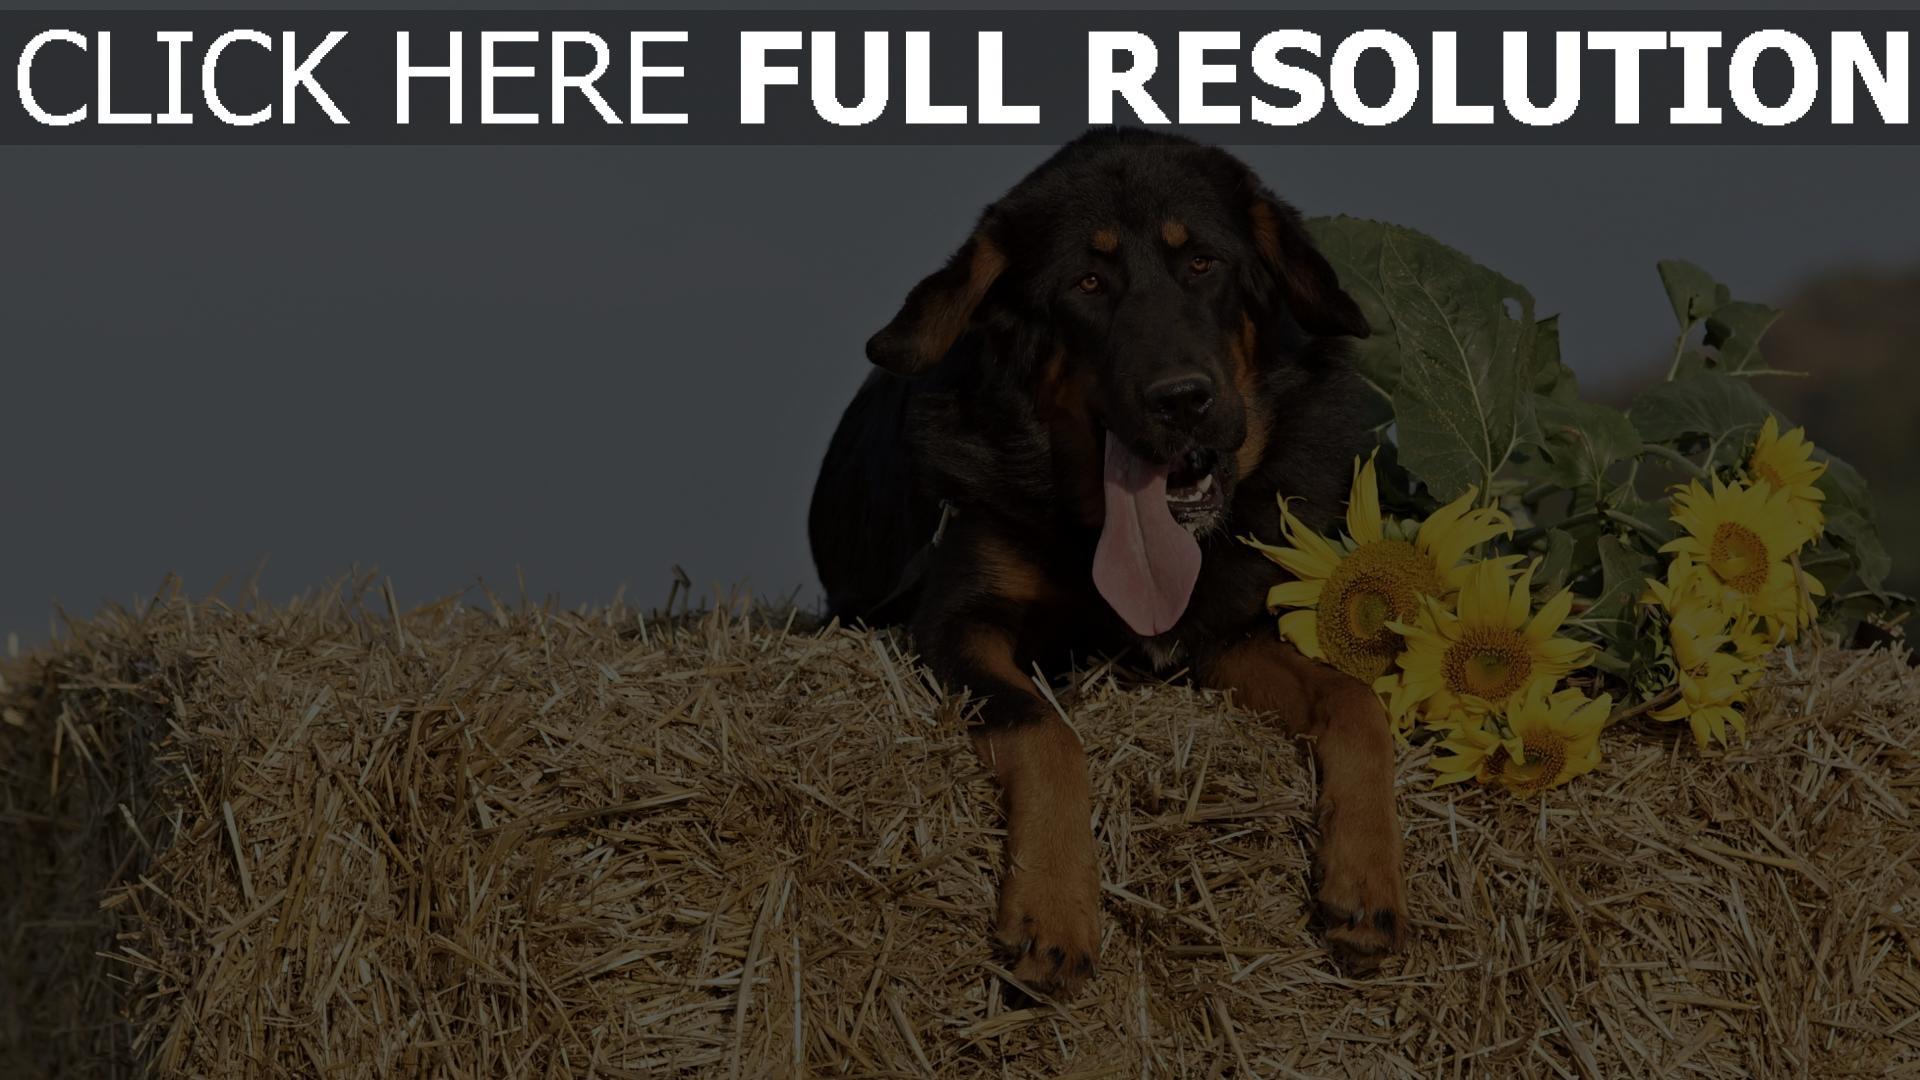 hd hintergrundbilder heu schäferhund schnauze hund sonnenblumen 1920x1080